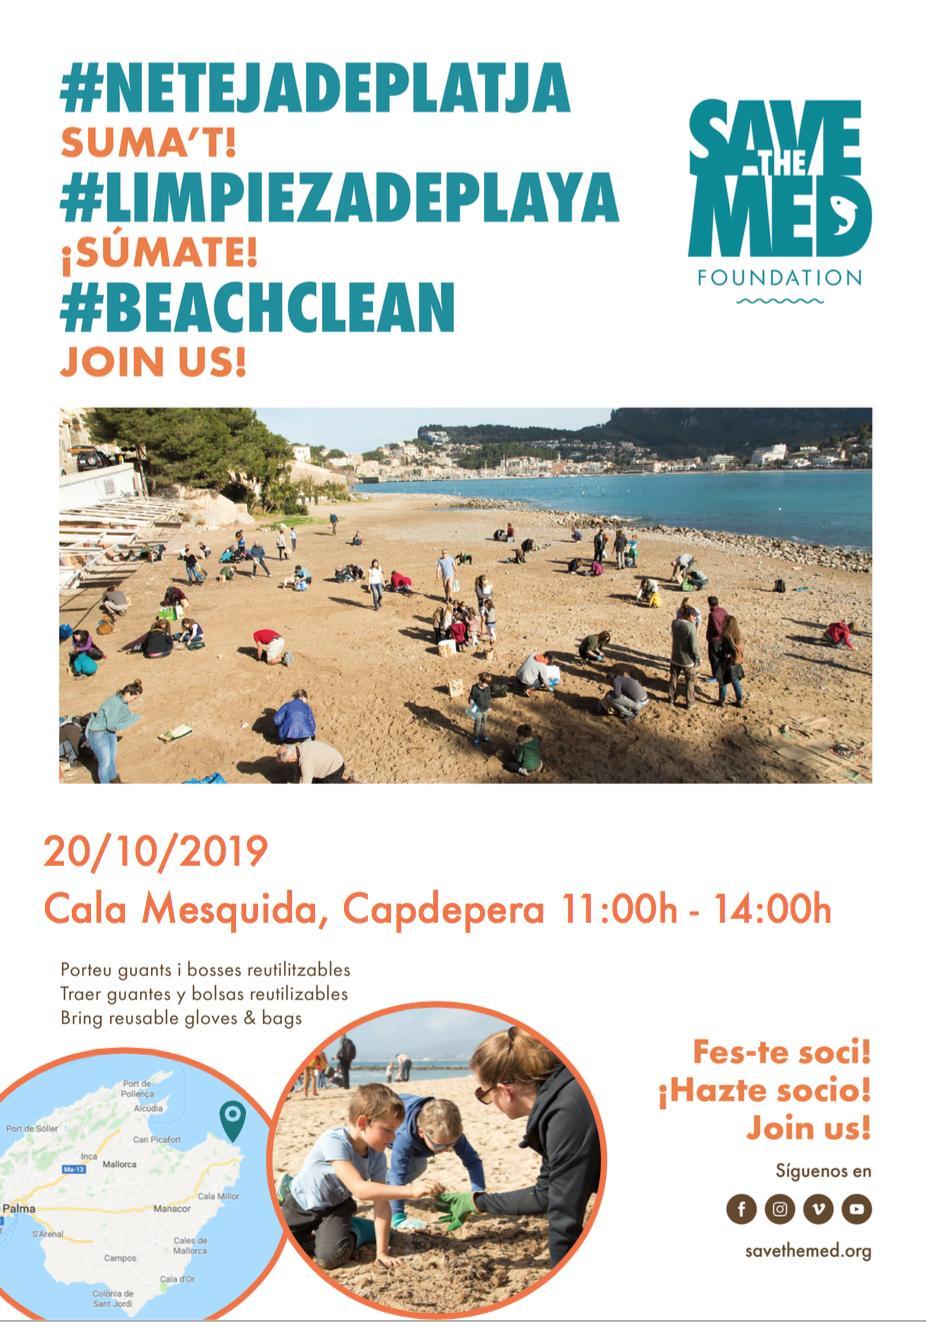 Beach Clean events